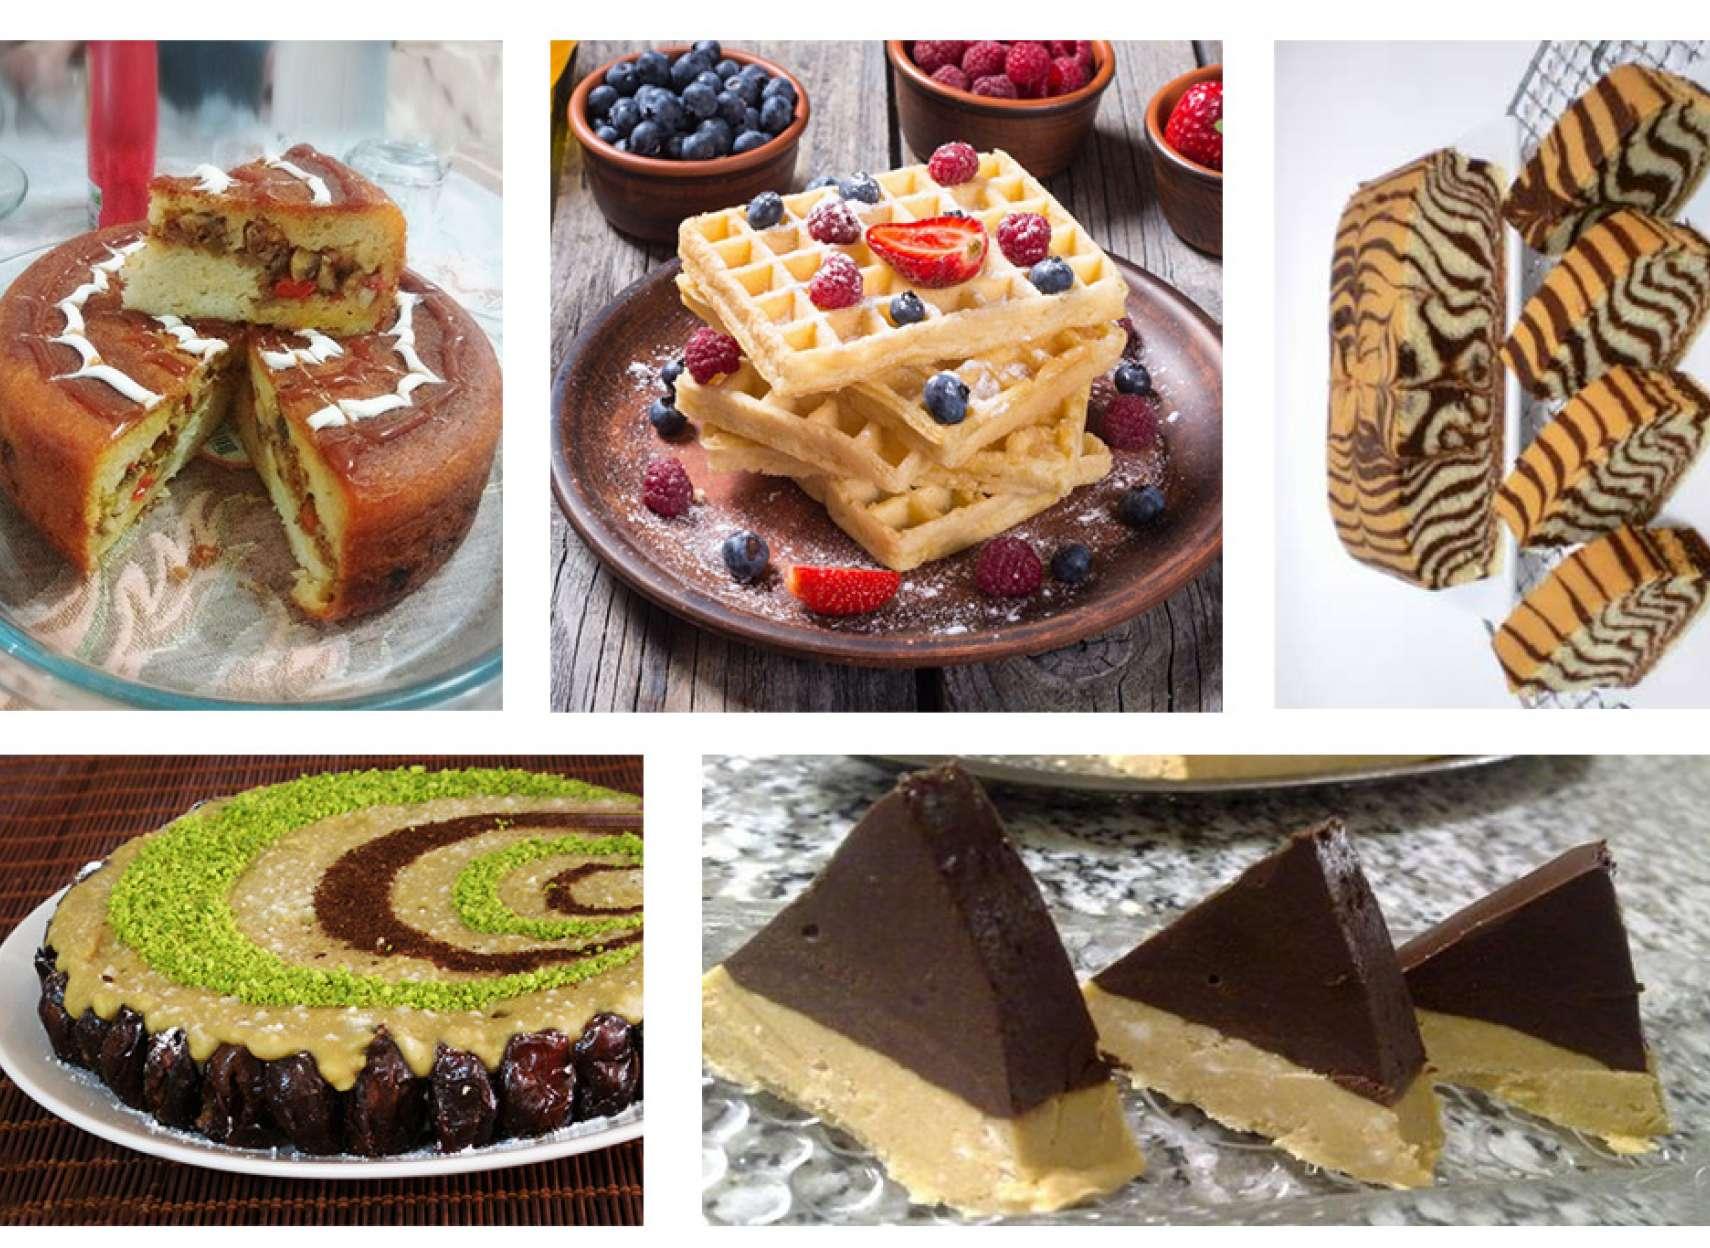 کیک-گوشت-رنگینک-مجلسی-حلوا-شکلاتی-ترابی-آشپزی